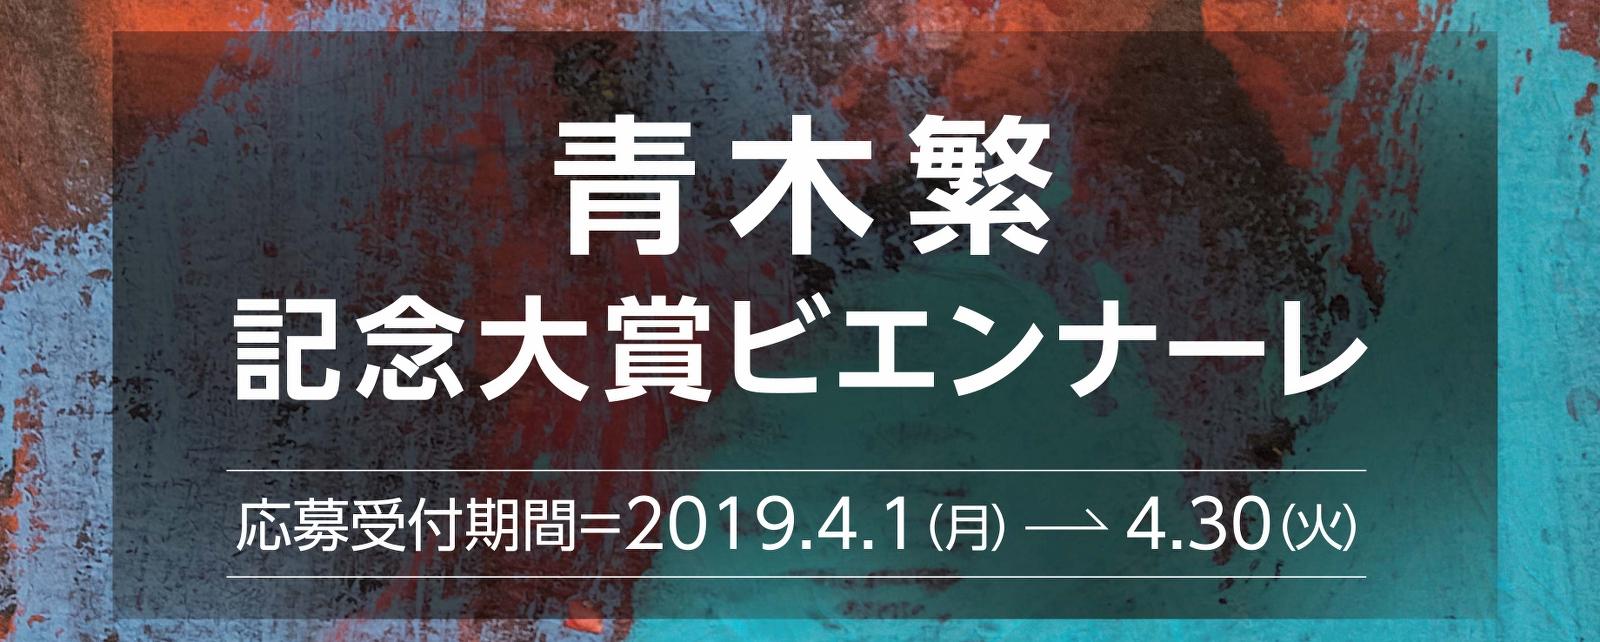 第6回青木繁記念大賞ビエンナーレ 作品募集